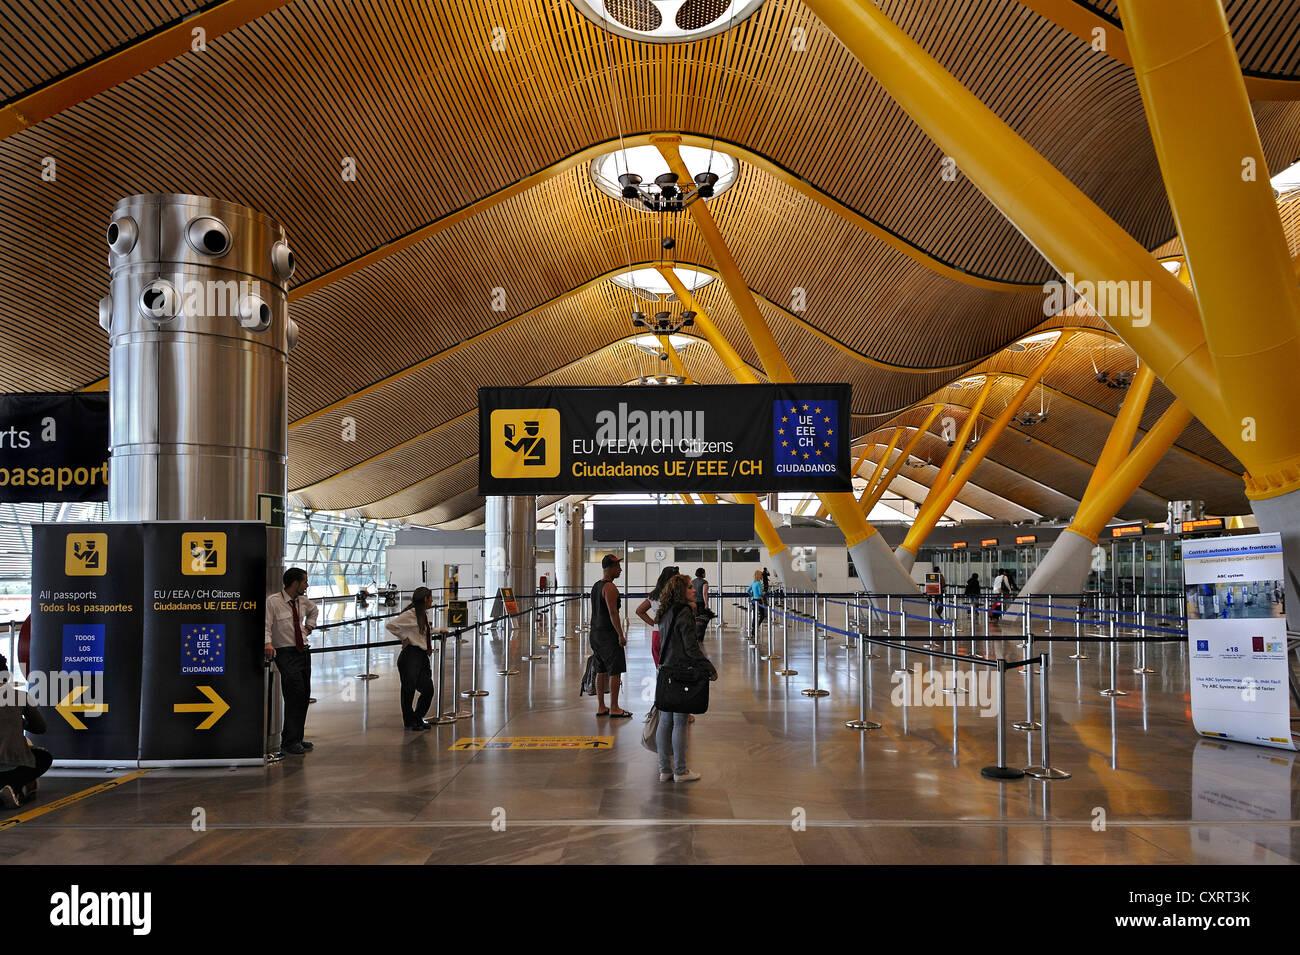 Sortie pour les citoyens de l'UE à l'aéroport Barajas, Madrid, Spain, Europe Photo Stock